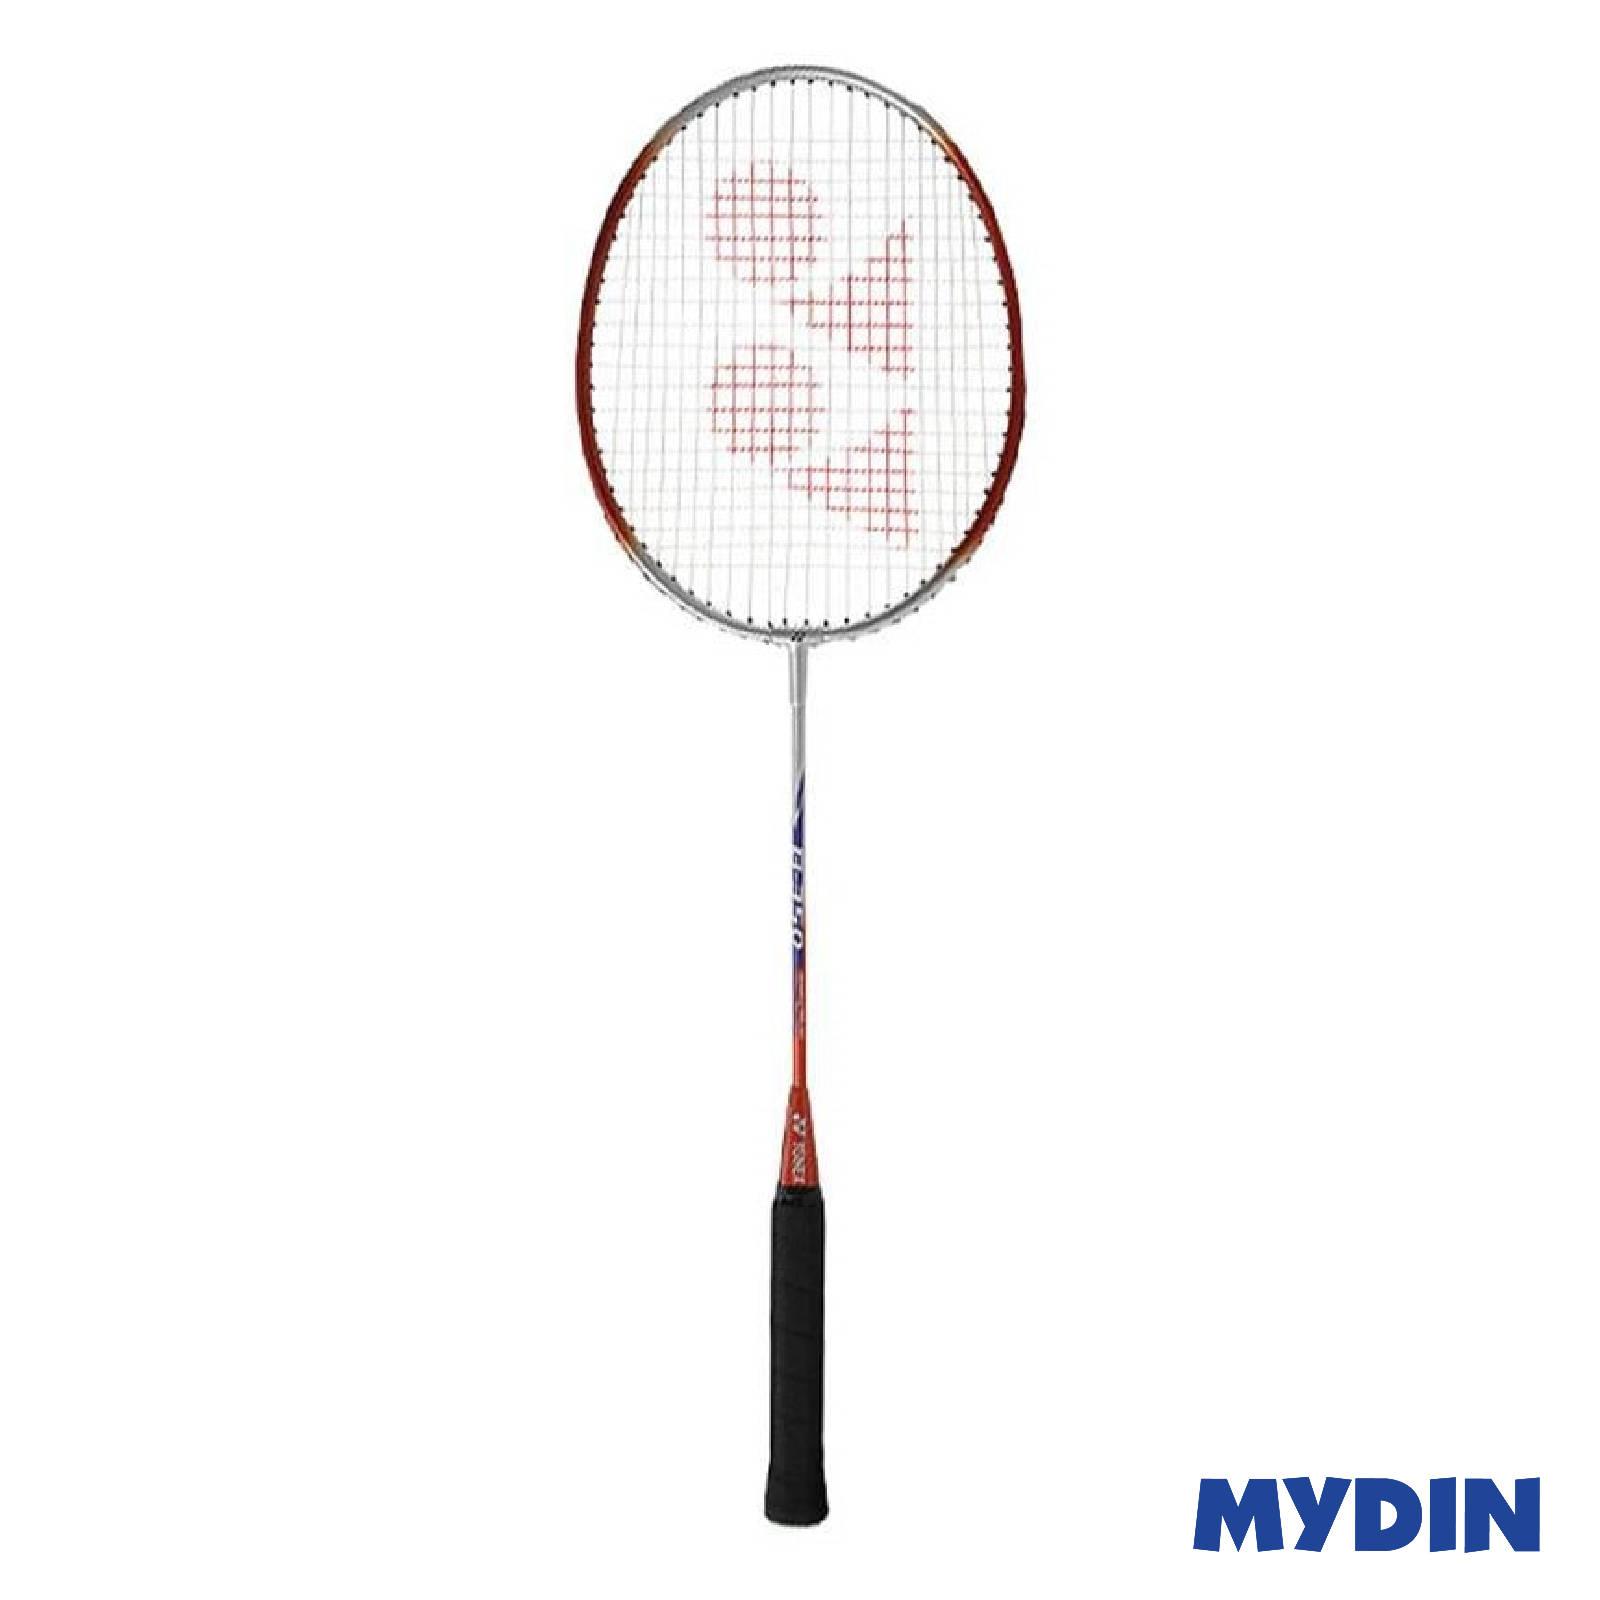 YONEX GR 350 Badminton Racket